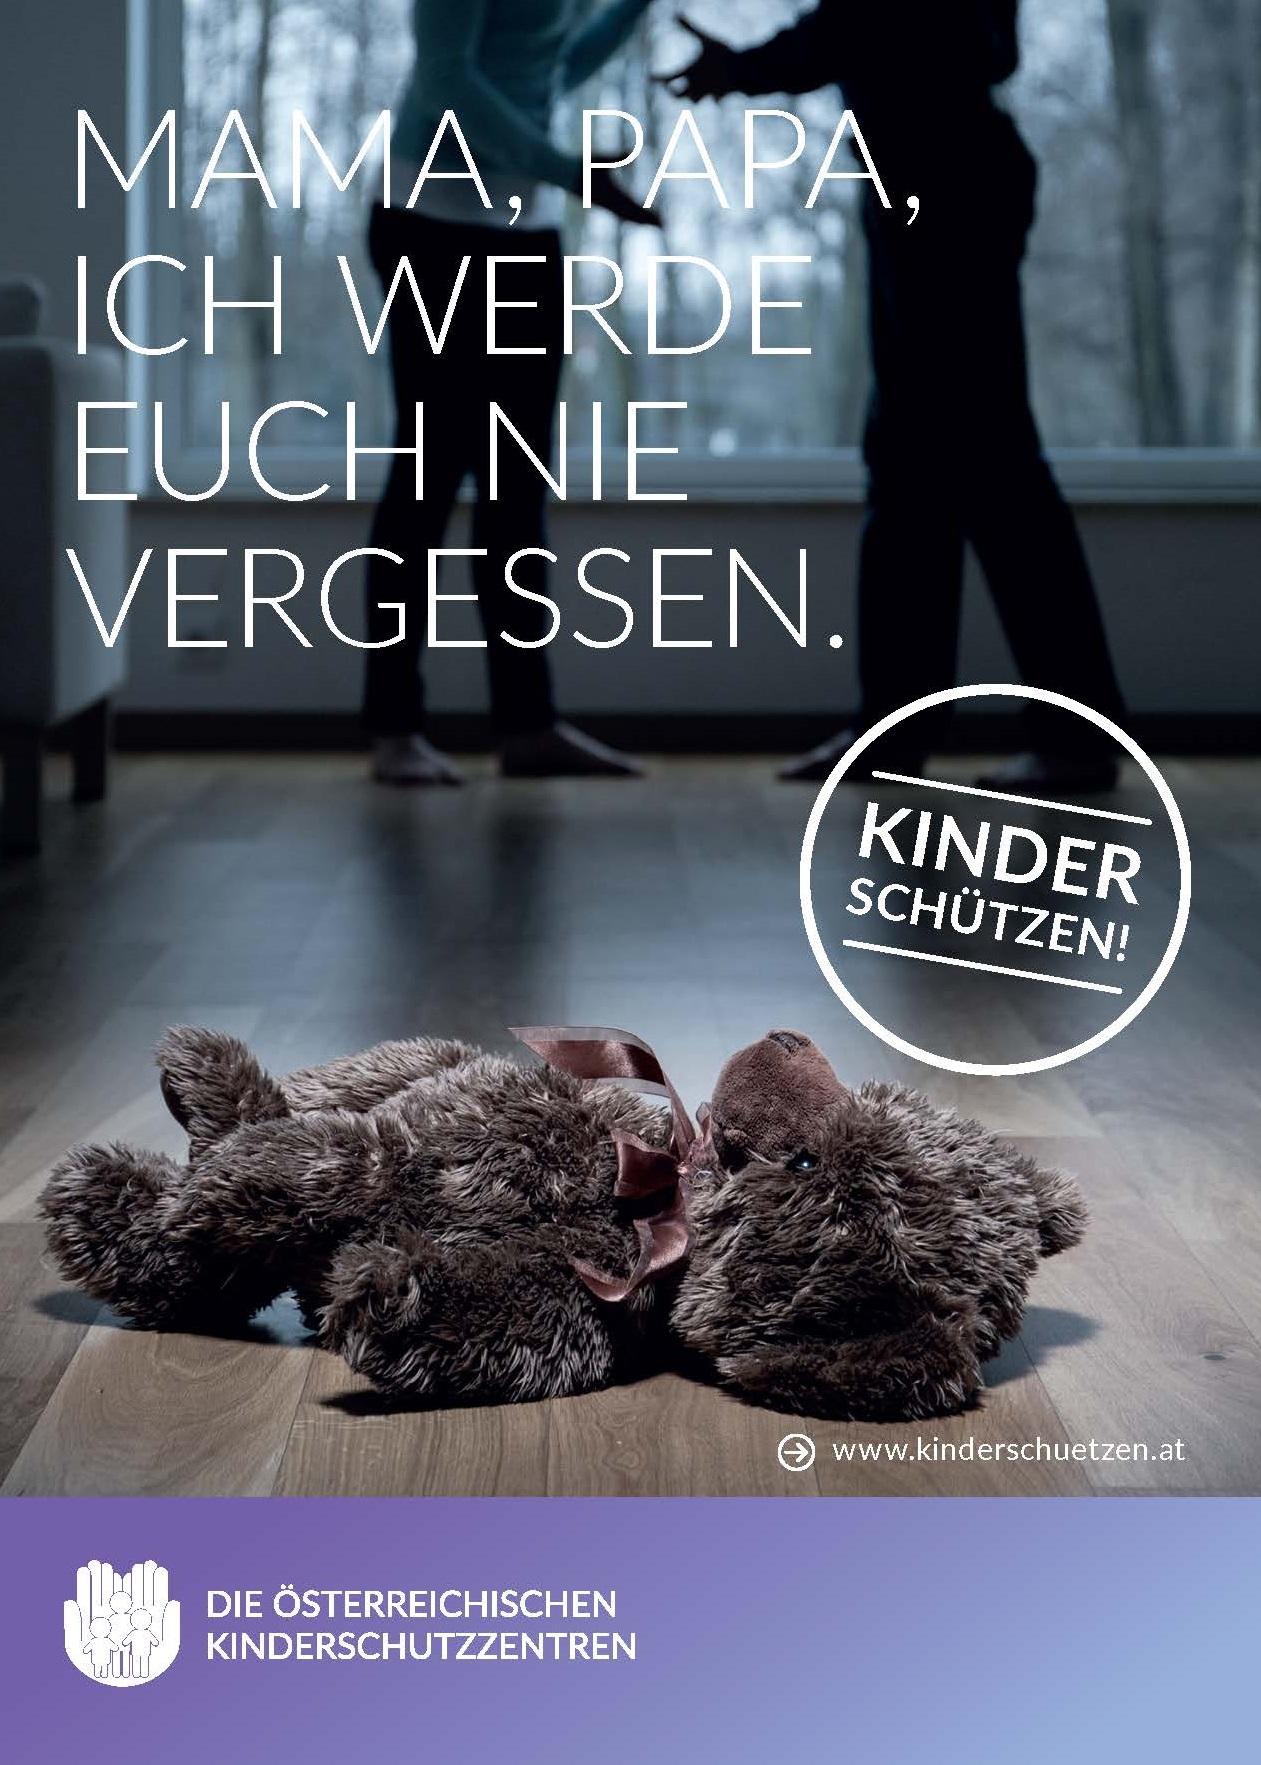 Kinderschützen_Elternstützen_MamaPapa_Postkarte_SUJET_DINA6_Seite_1